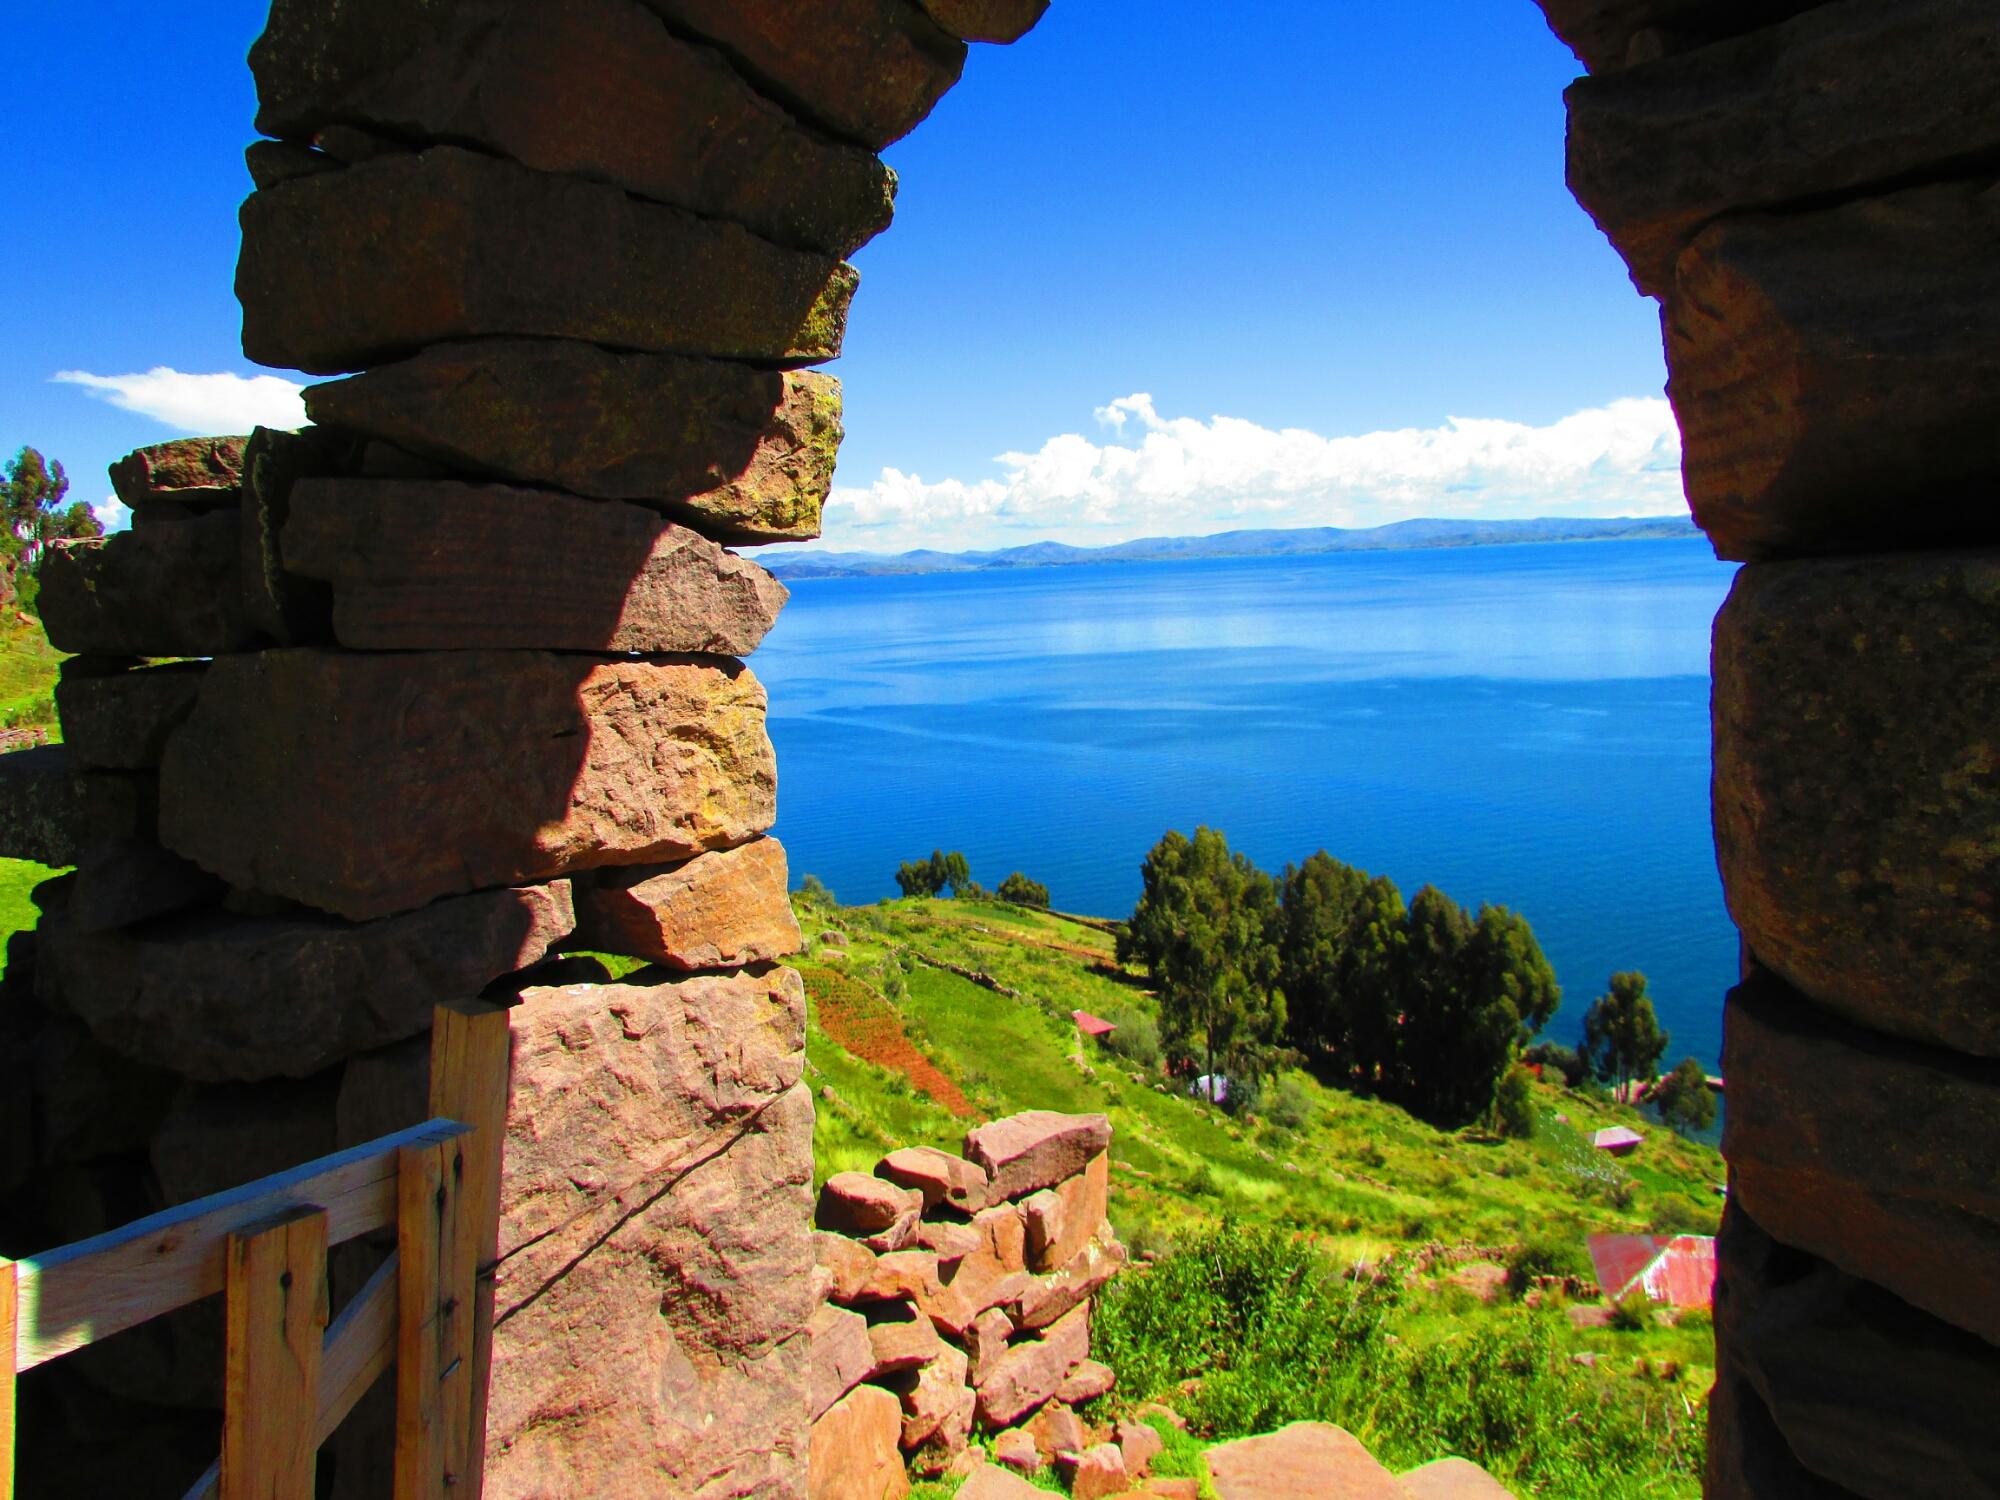 arcos construidos sin material de sujeción en isla Taquile en el lago Titicaca